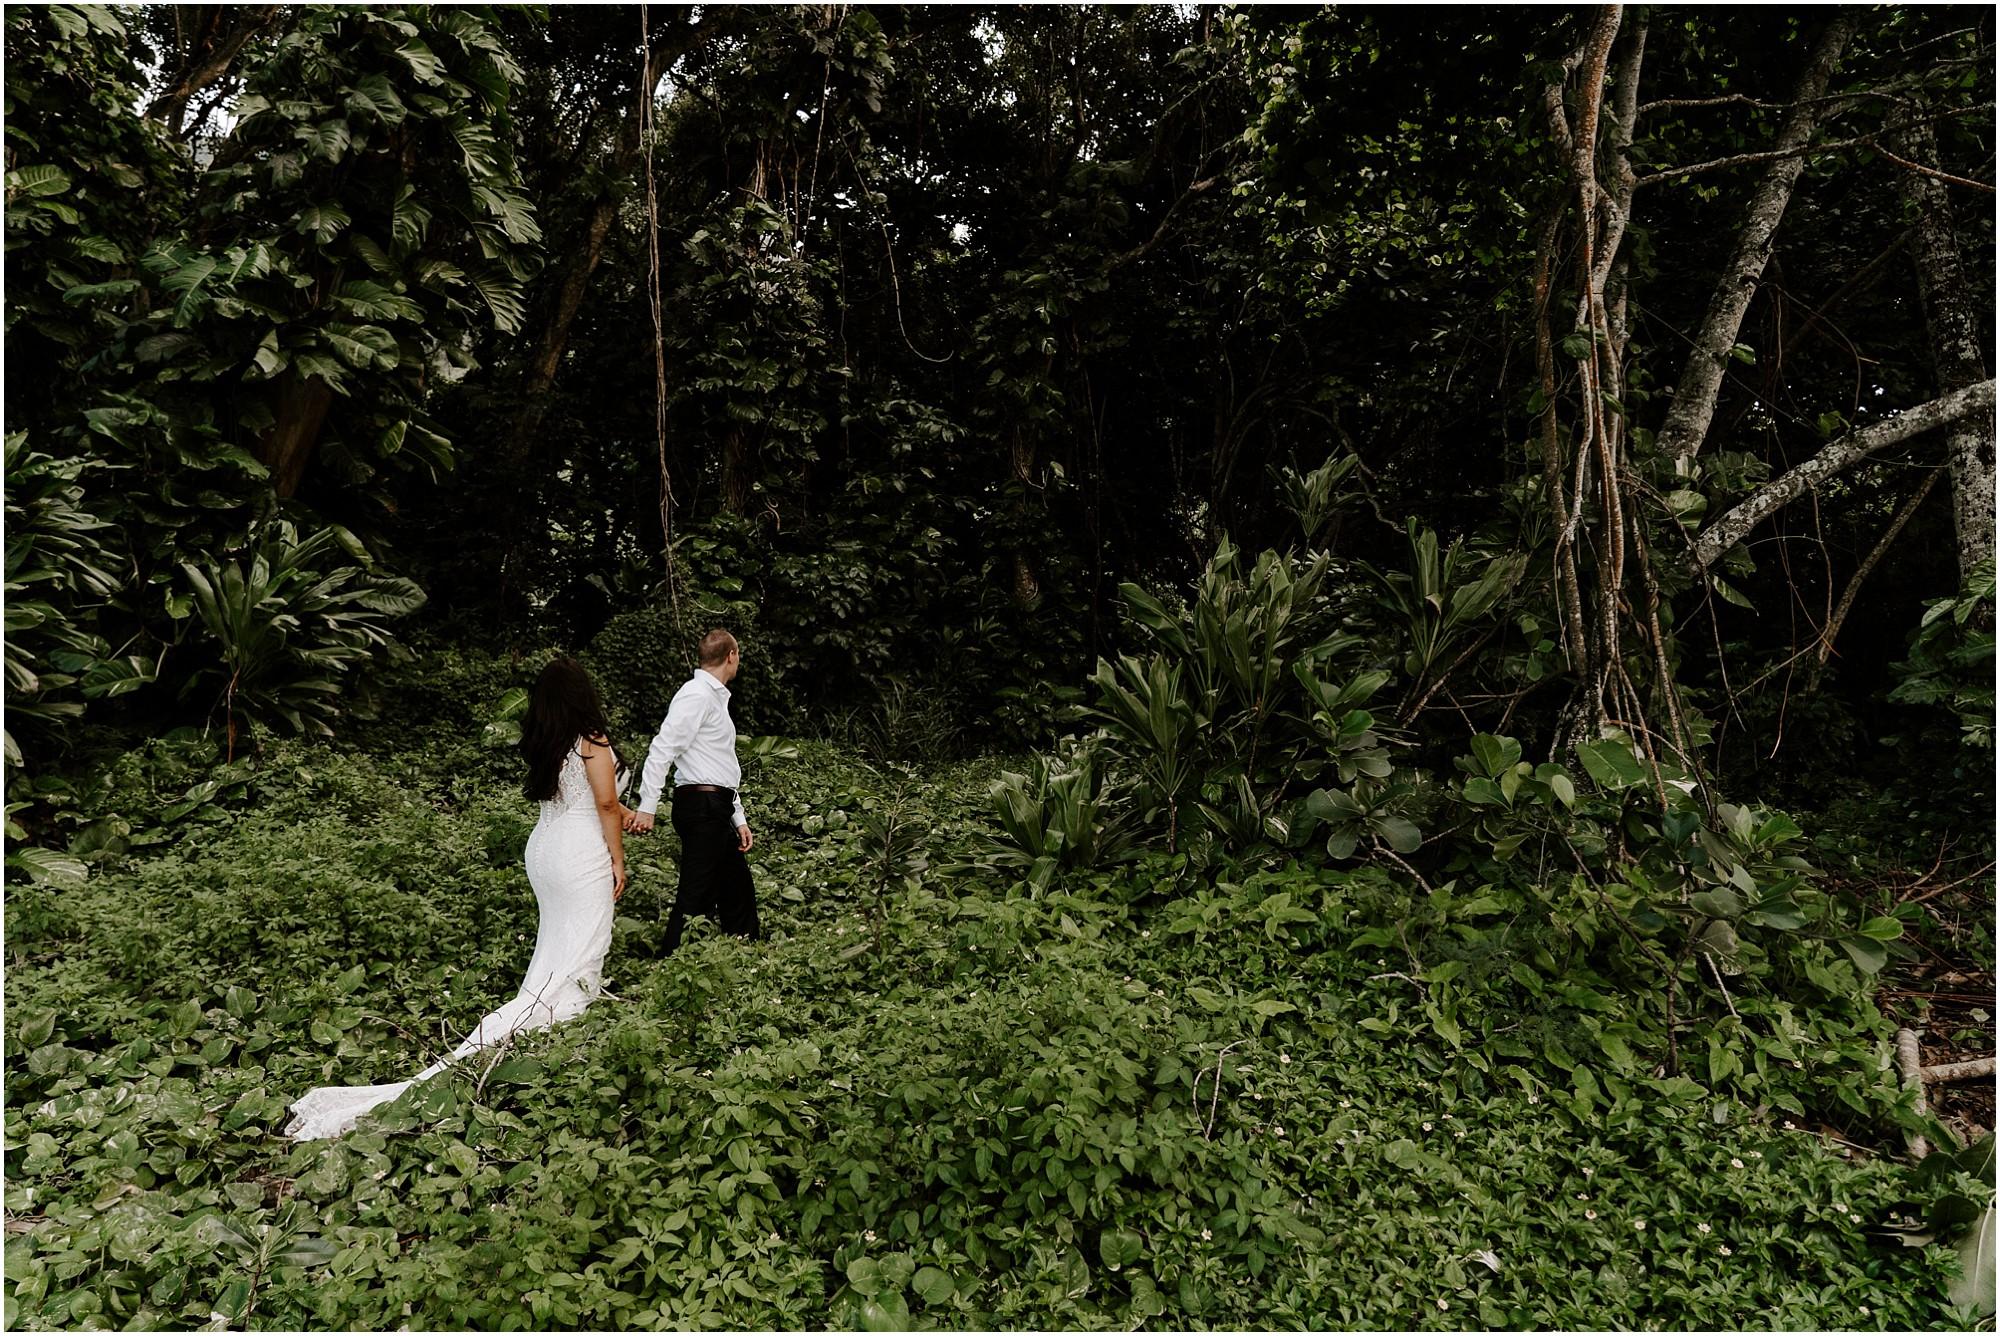 oahu-intimate-bridal-adventure-session_0009.jpg